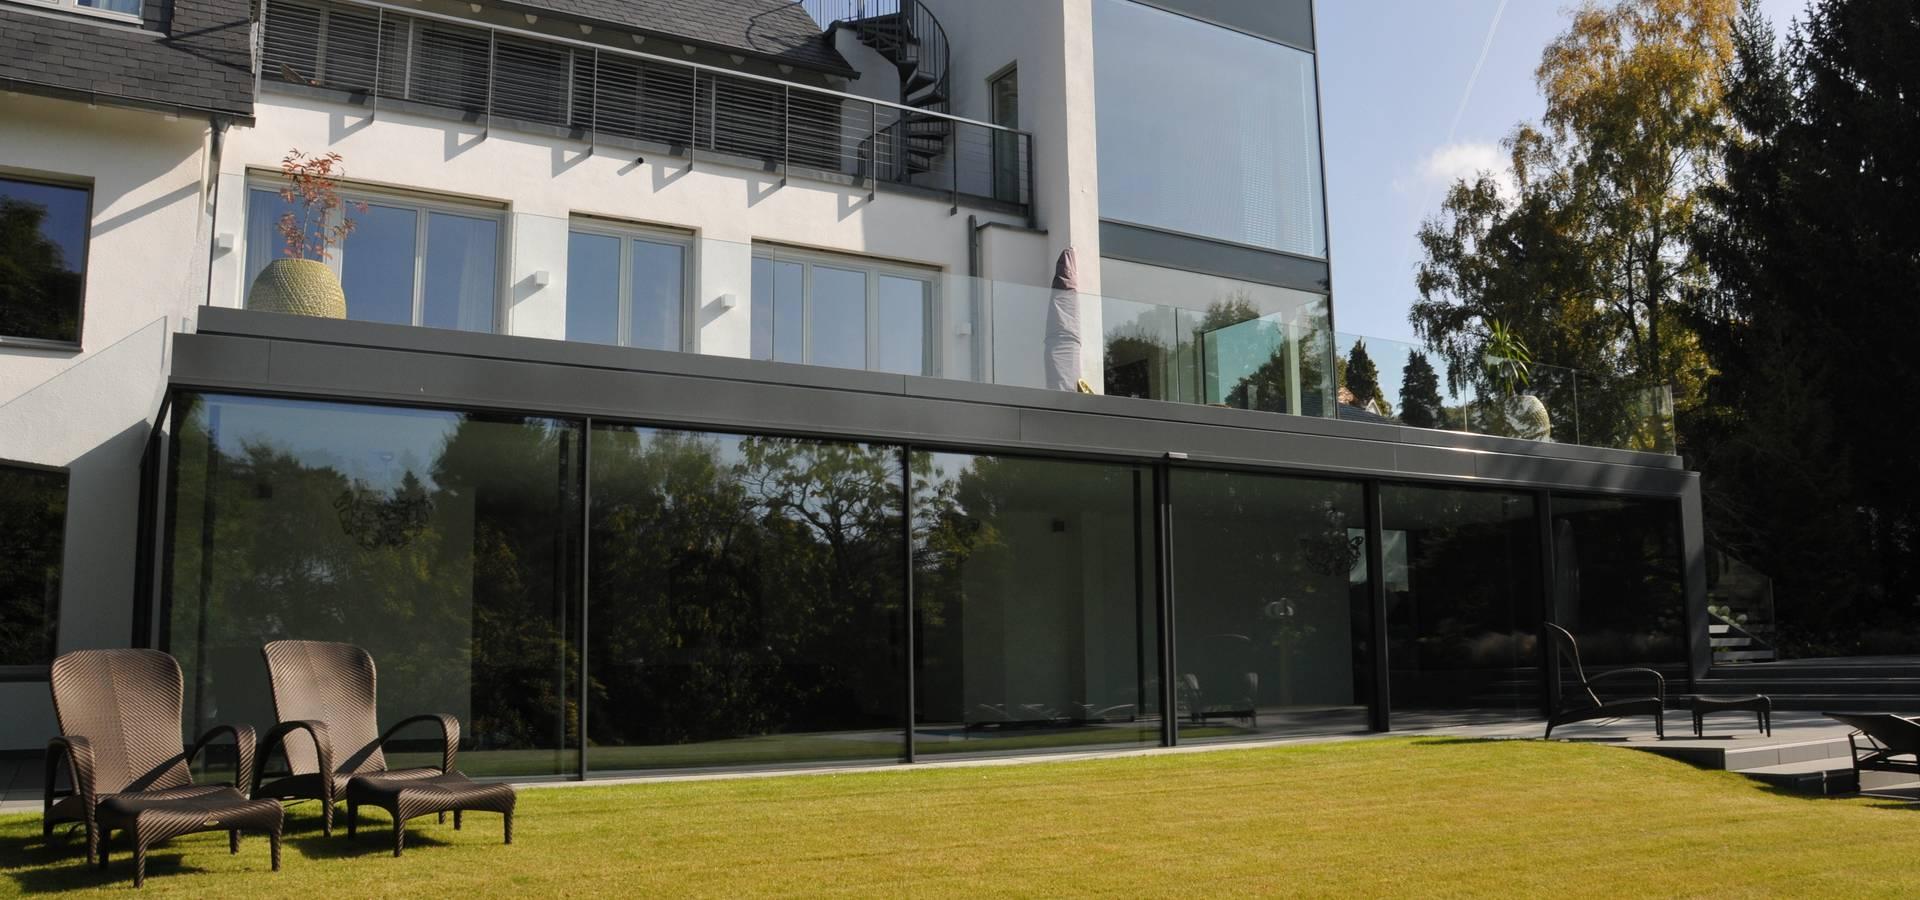 eisdiele mit neuer fassade por metallbau beilmann gmbh homify. Black Bedroom Furniture Sets. Home Design Ideas